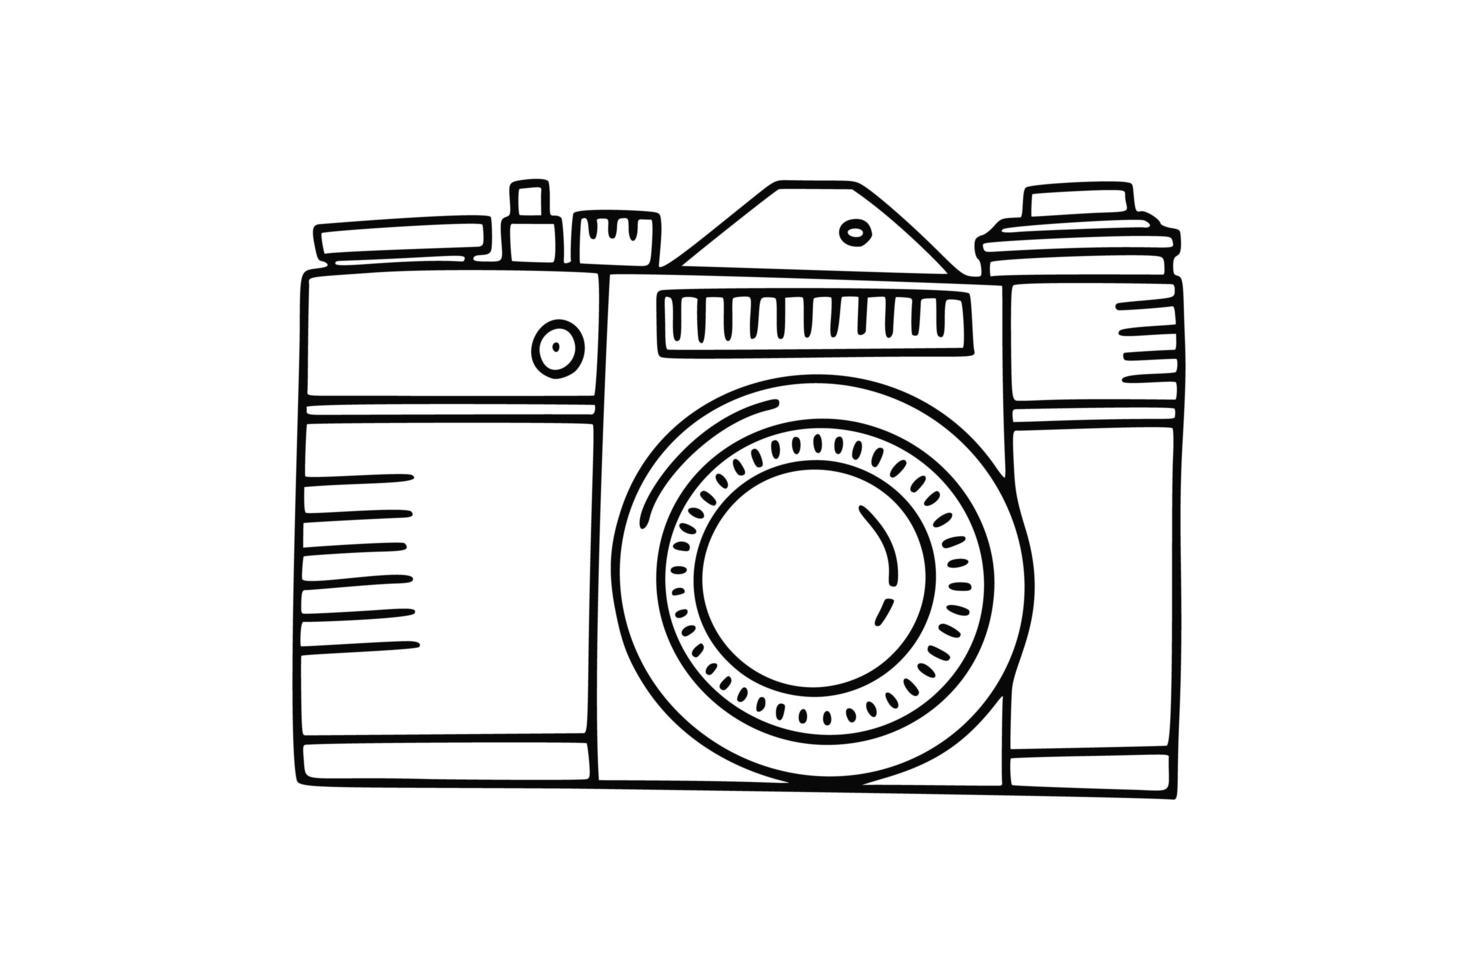 ícone de doodle de câmera fotográfica. mão desenhada vetor ícone foto conceito em fundo branco